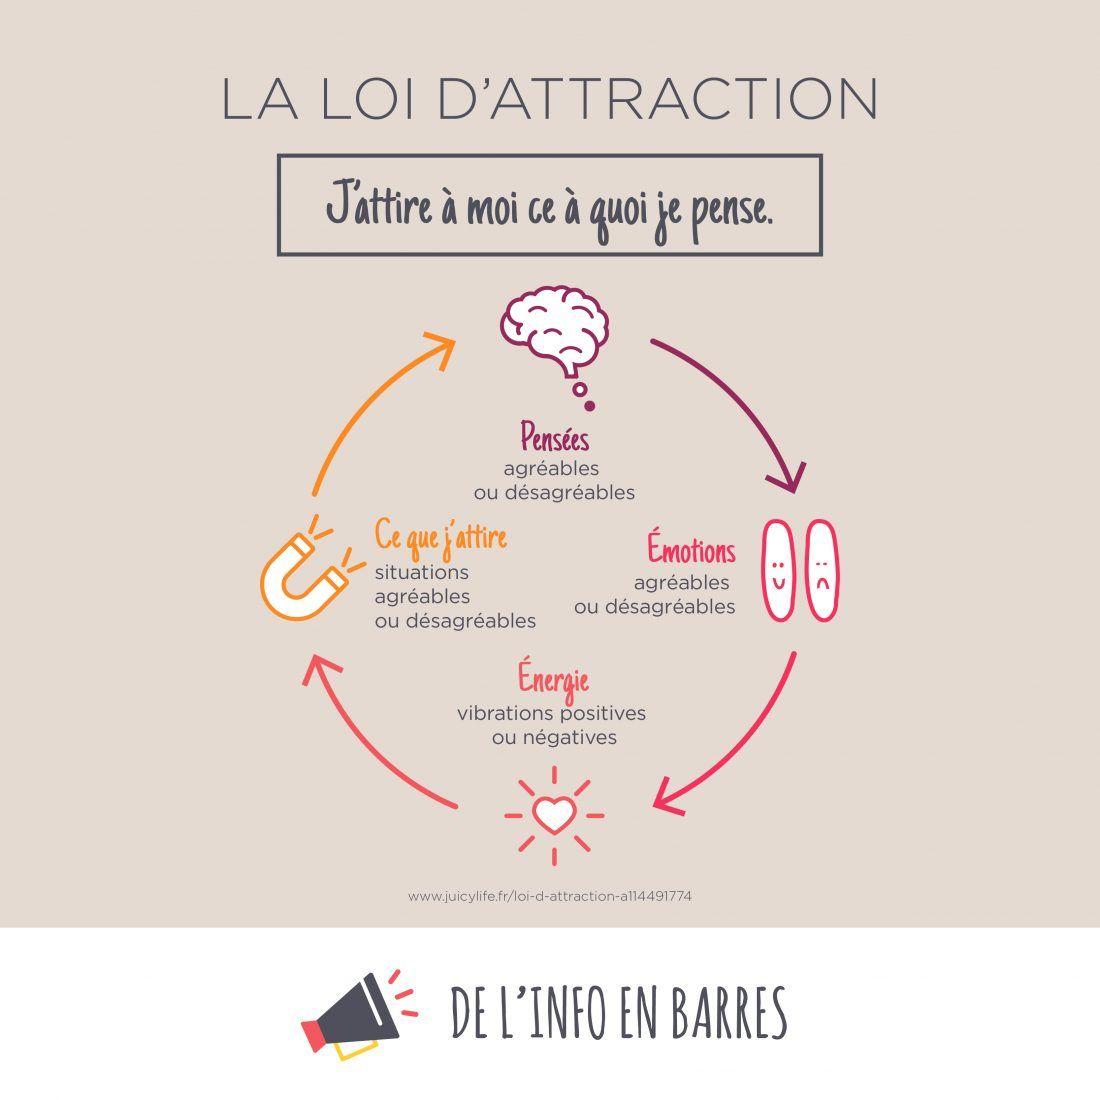 Poster La Loi D Attraction Zazzle Fr Comment Gerer Ses Emotions Gerer Ses Emotions Developpement Personnel